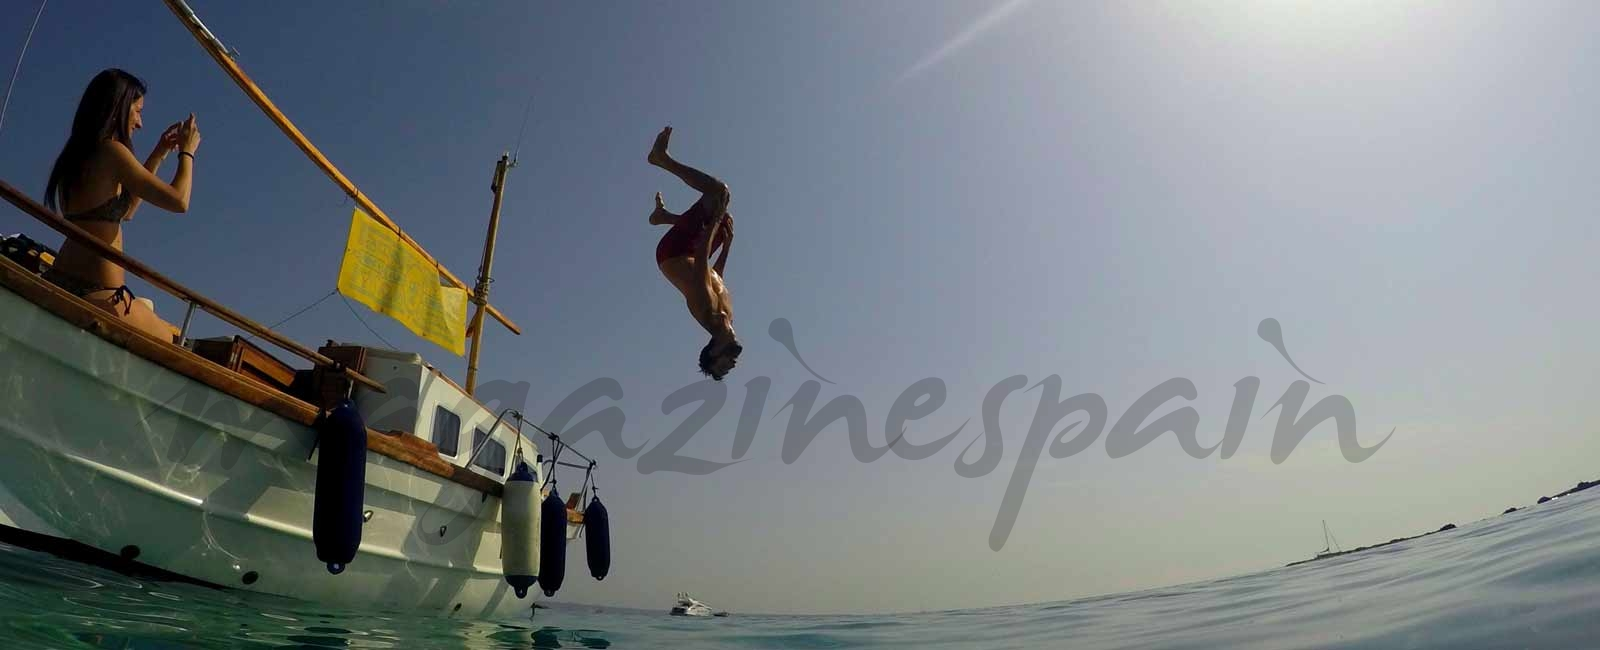 Formentera, la isla que nunca se acaba